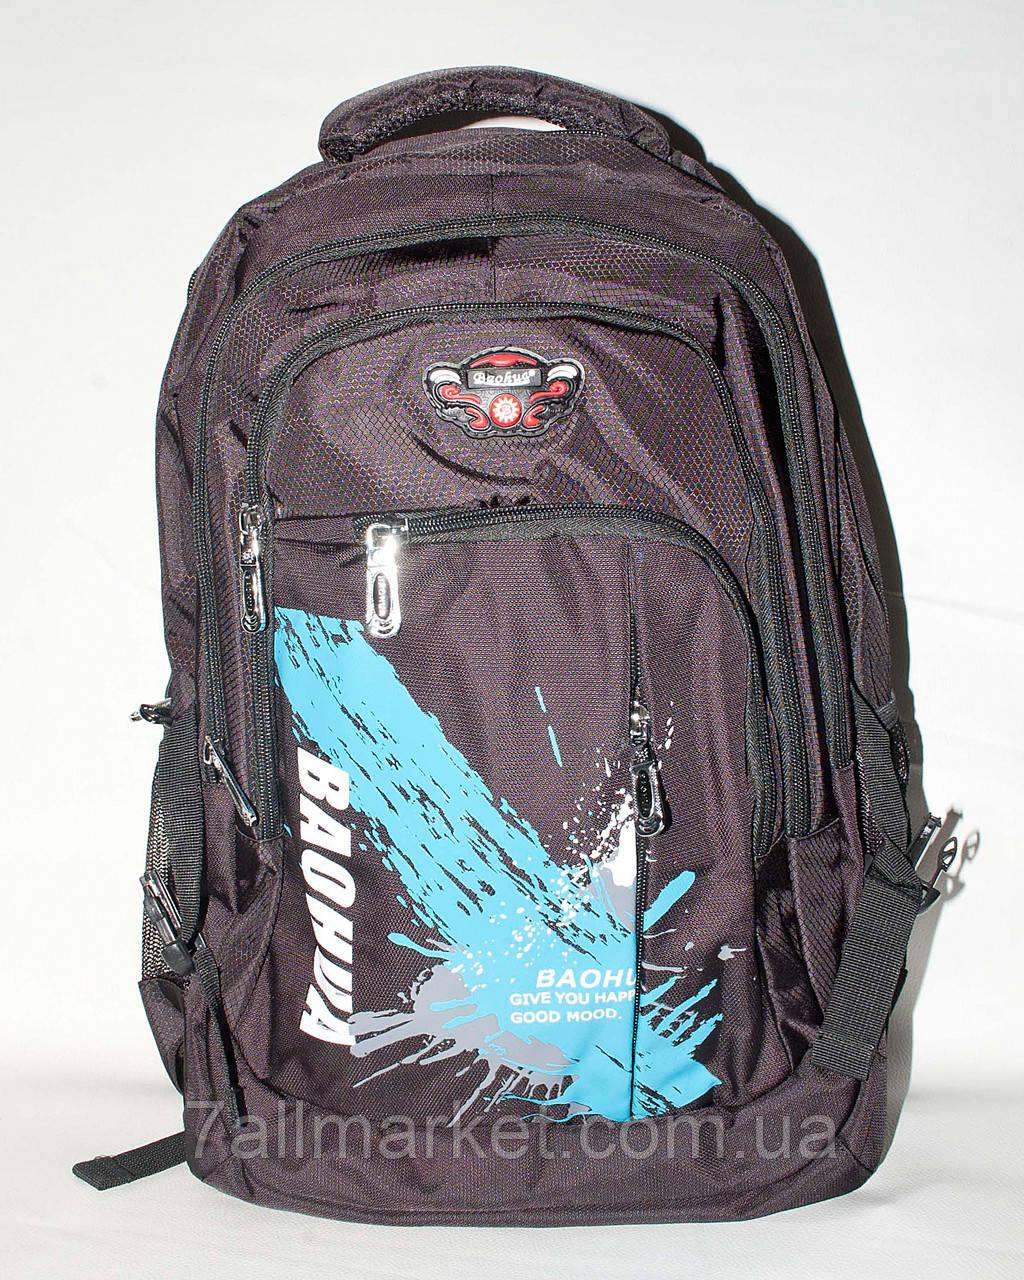 12776af707f1 Рюкзак мужской спортивный текстильный размер 30*50 (3 цвета) Серии